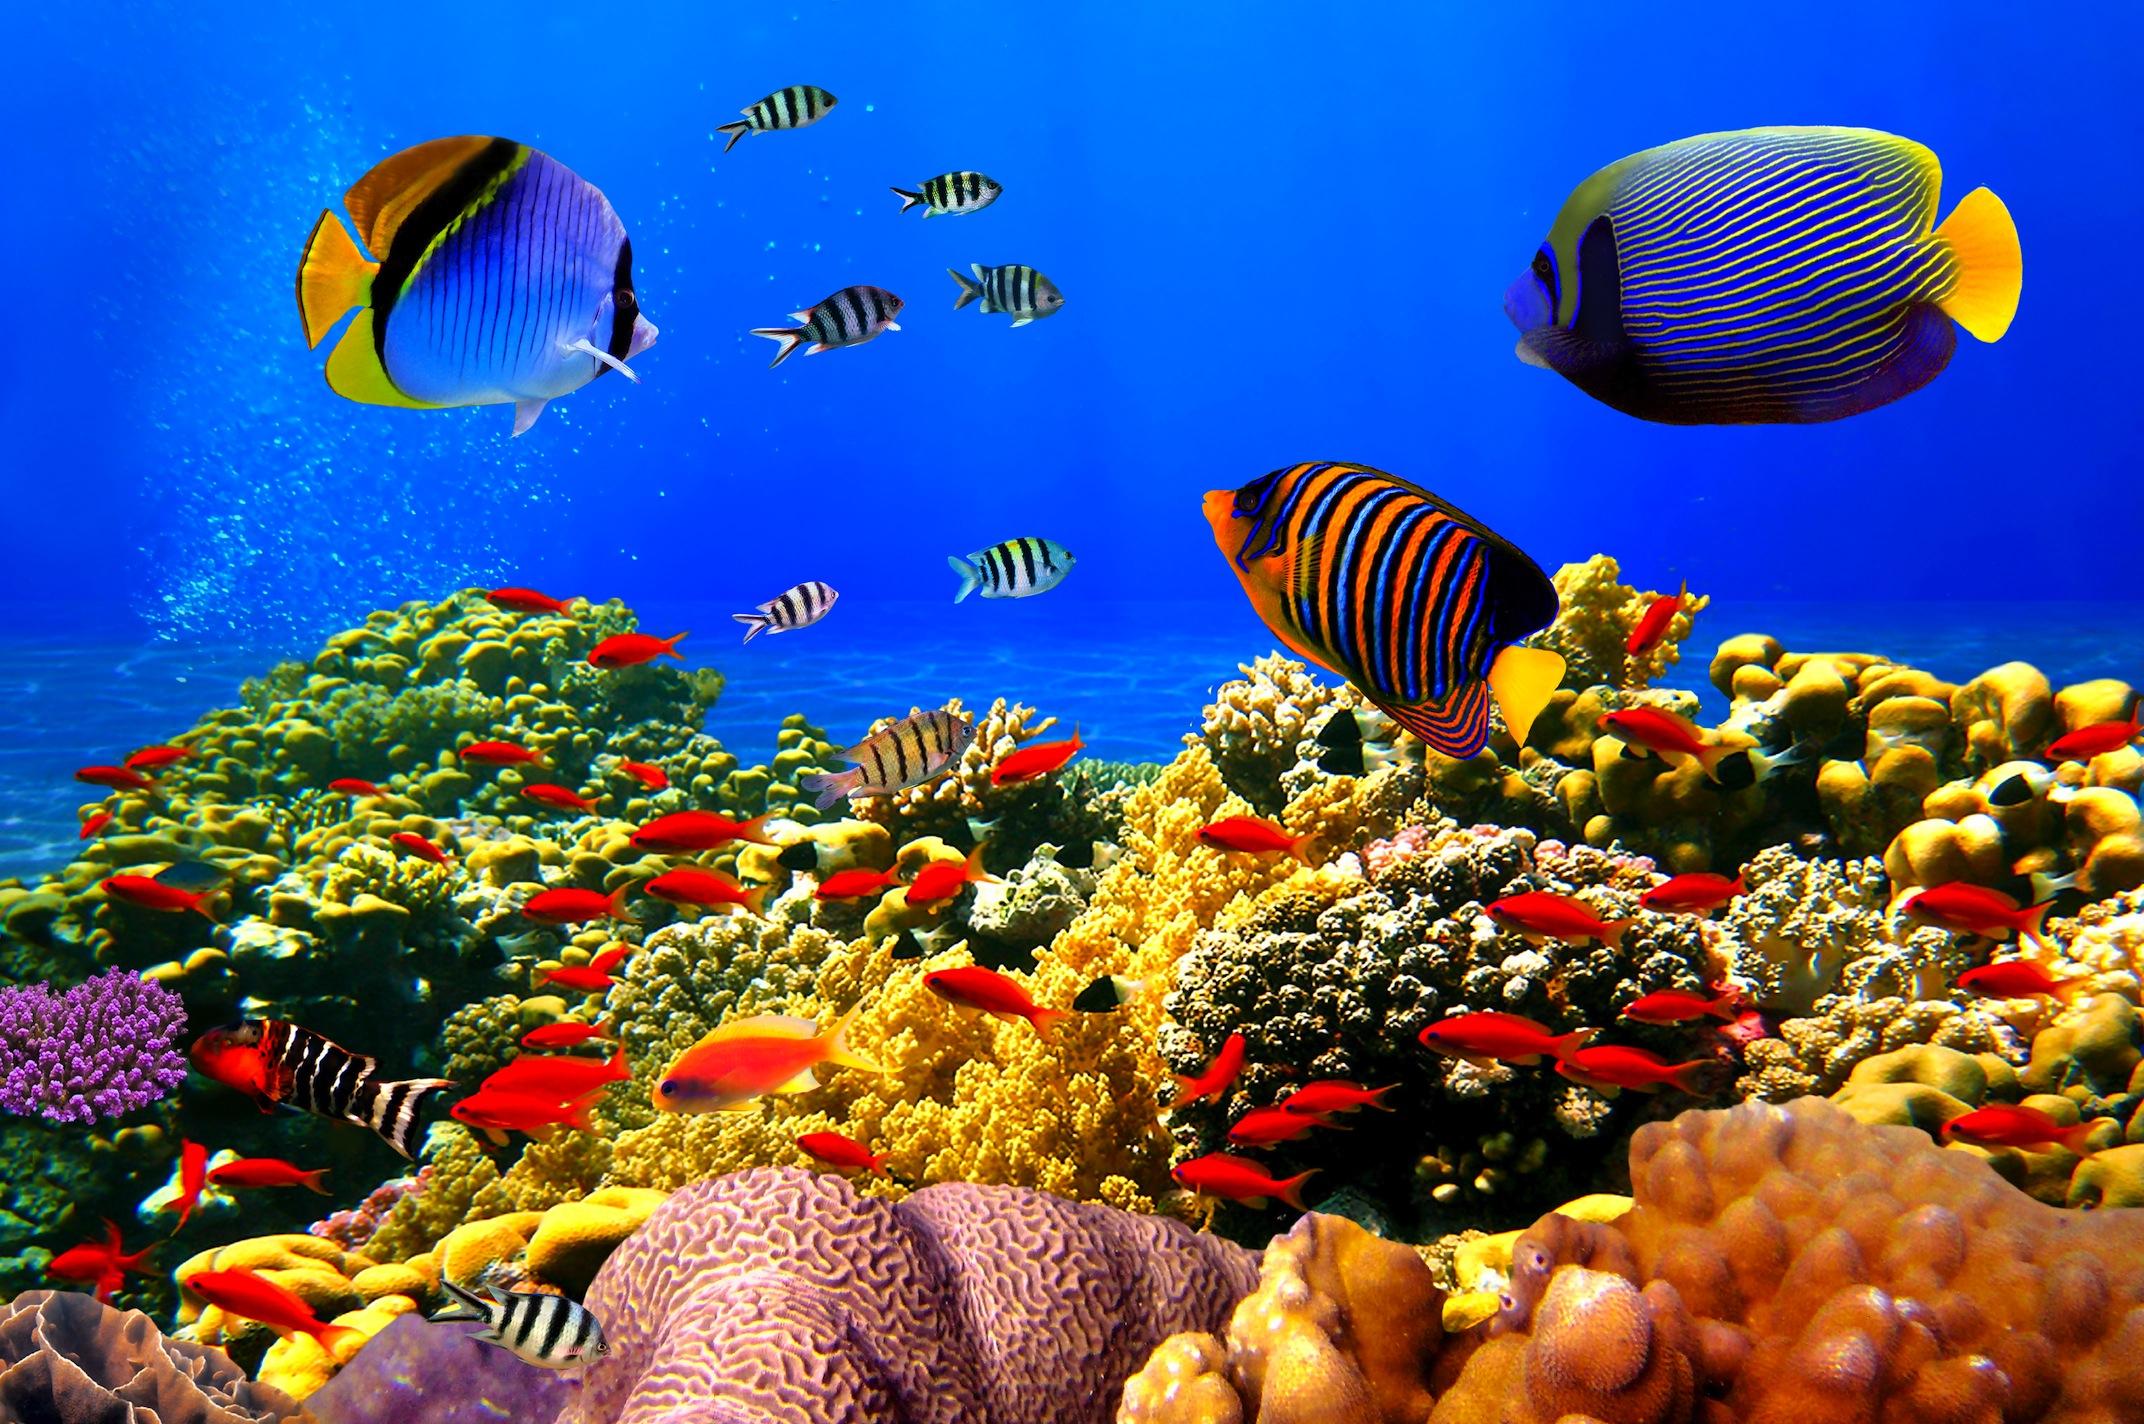 Renkli Balıklar 3 Boyutlu Akvaryum Duvar Kağıdı Önizleme